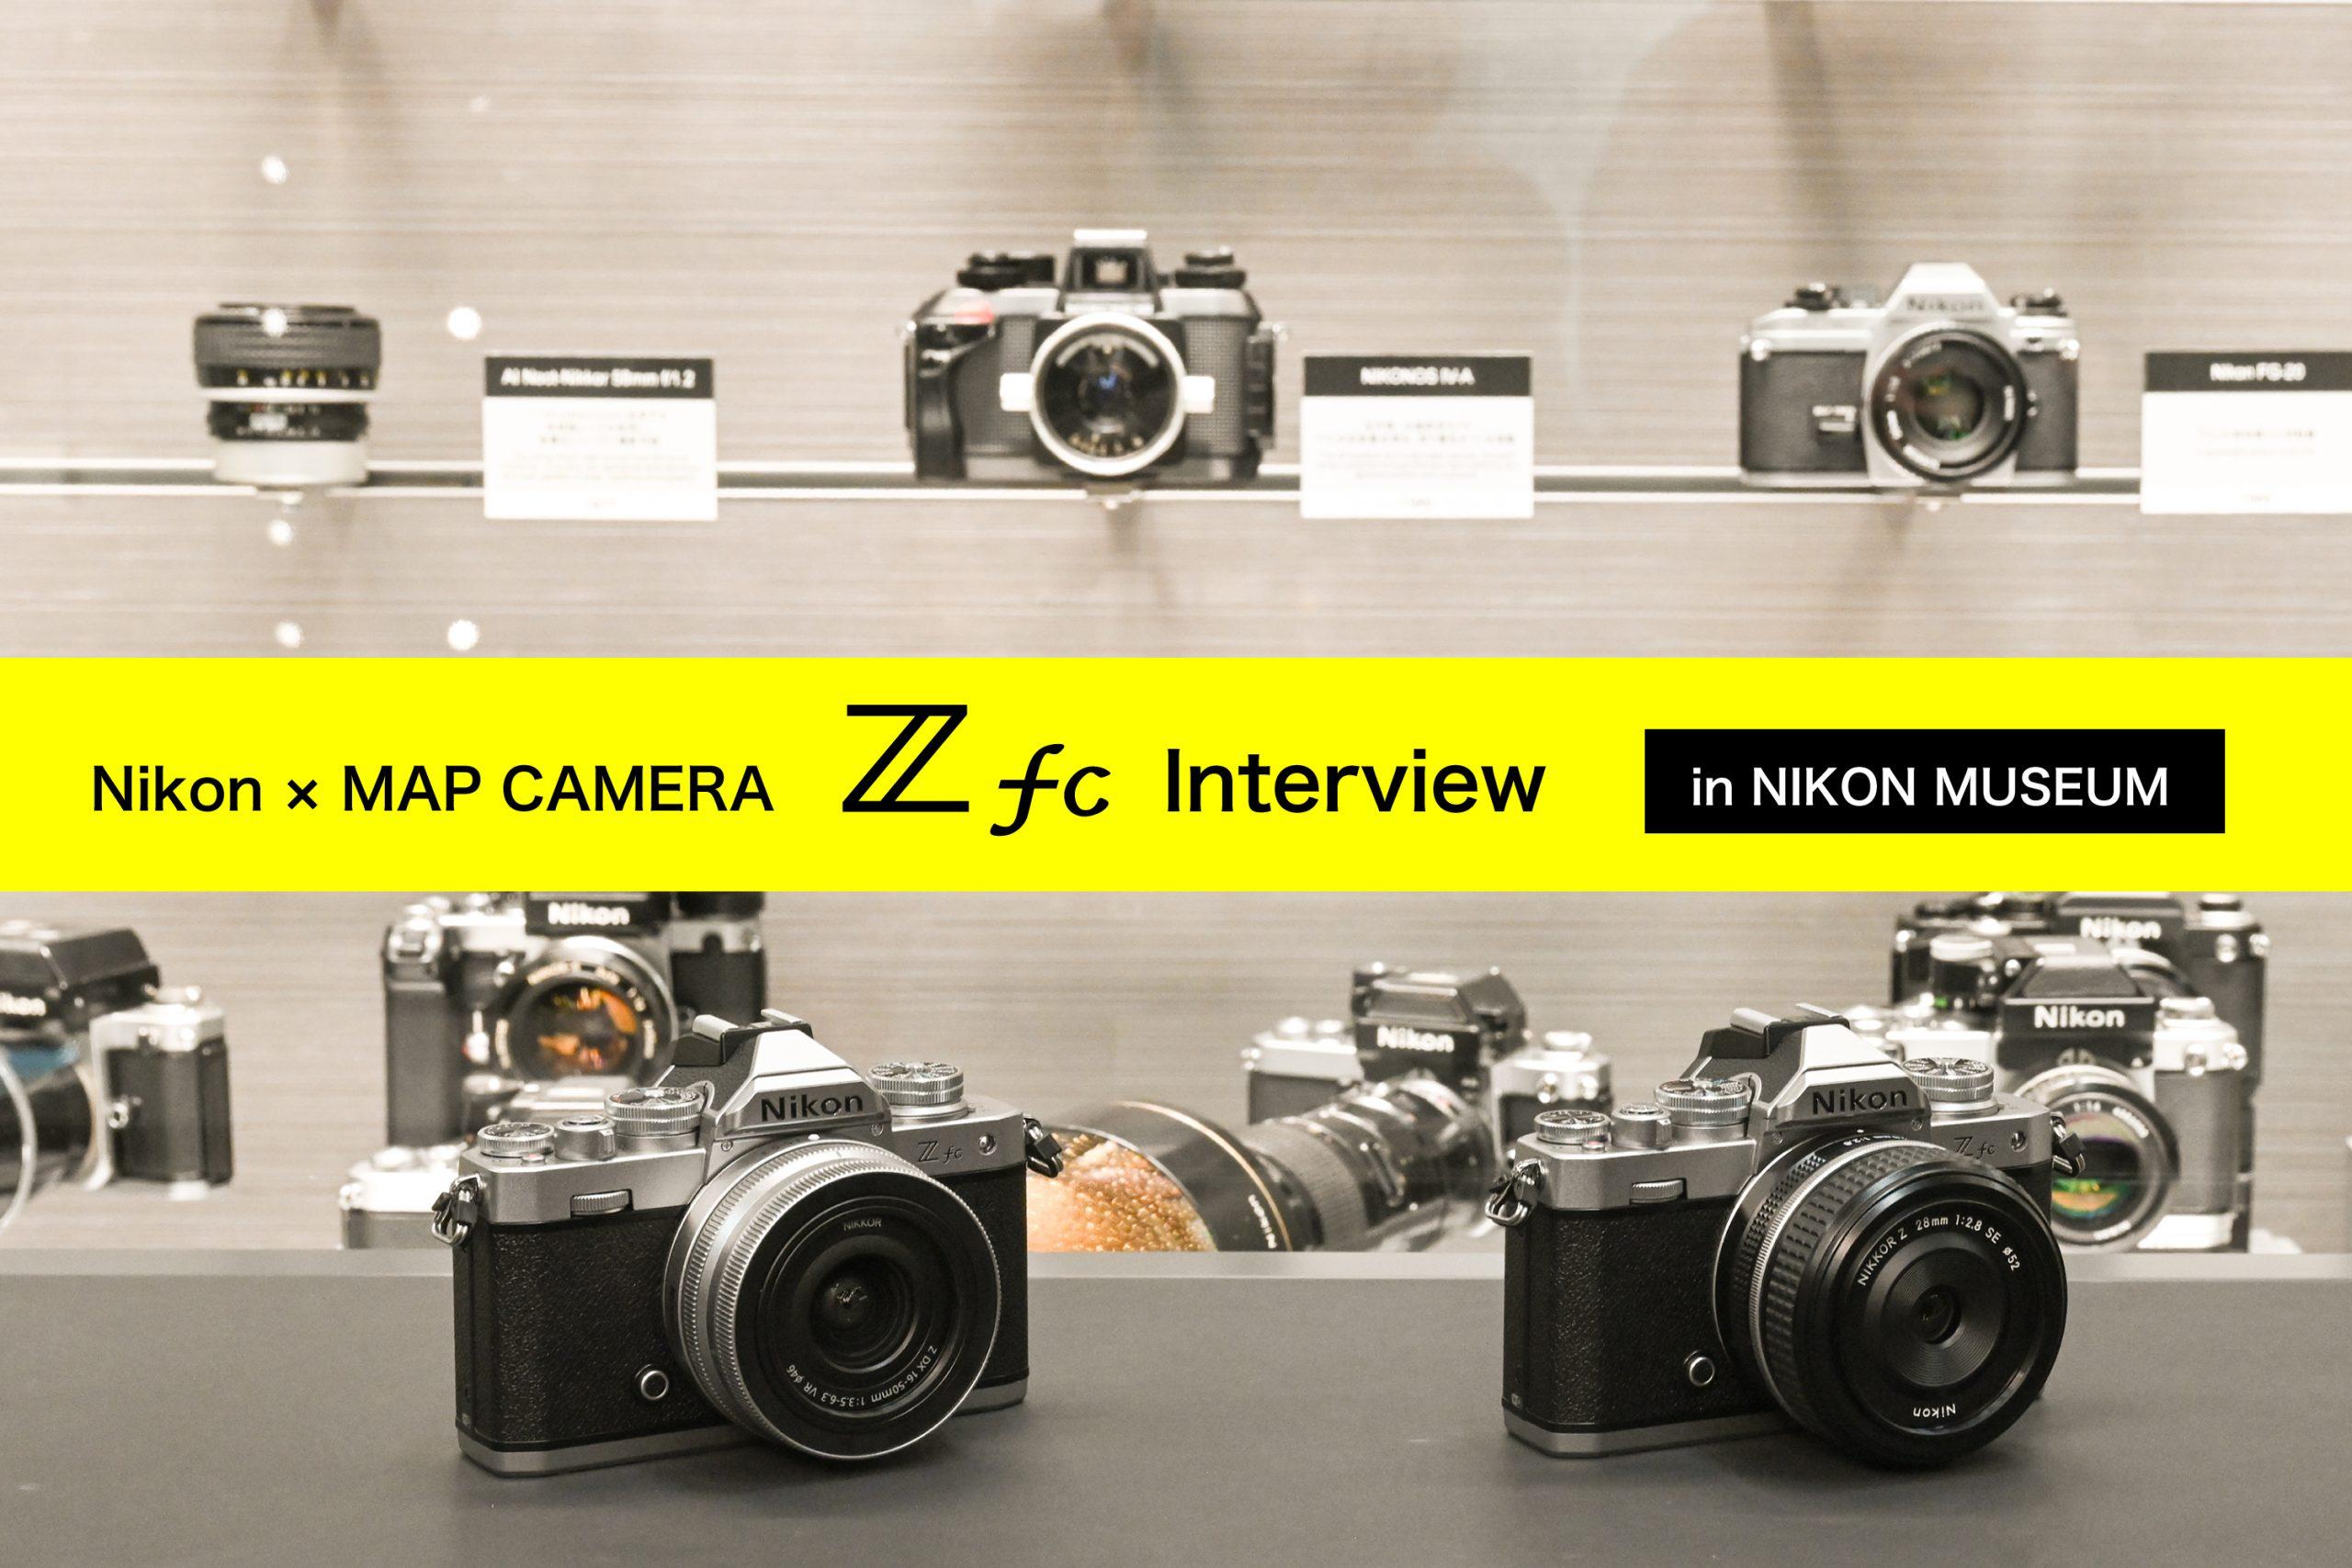 【Nikon】『Z fc』開発者インタビュー